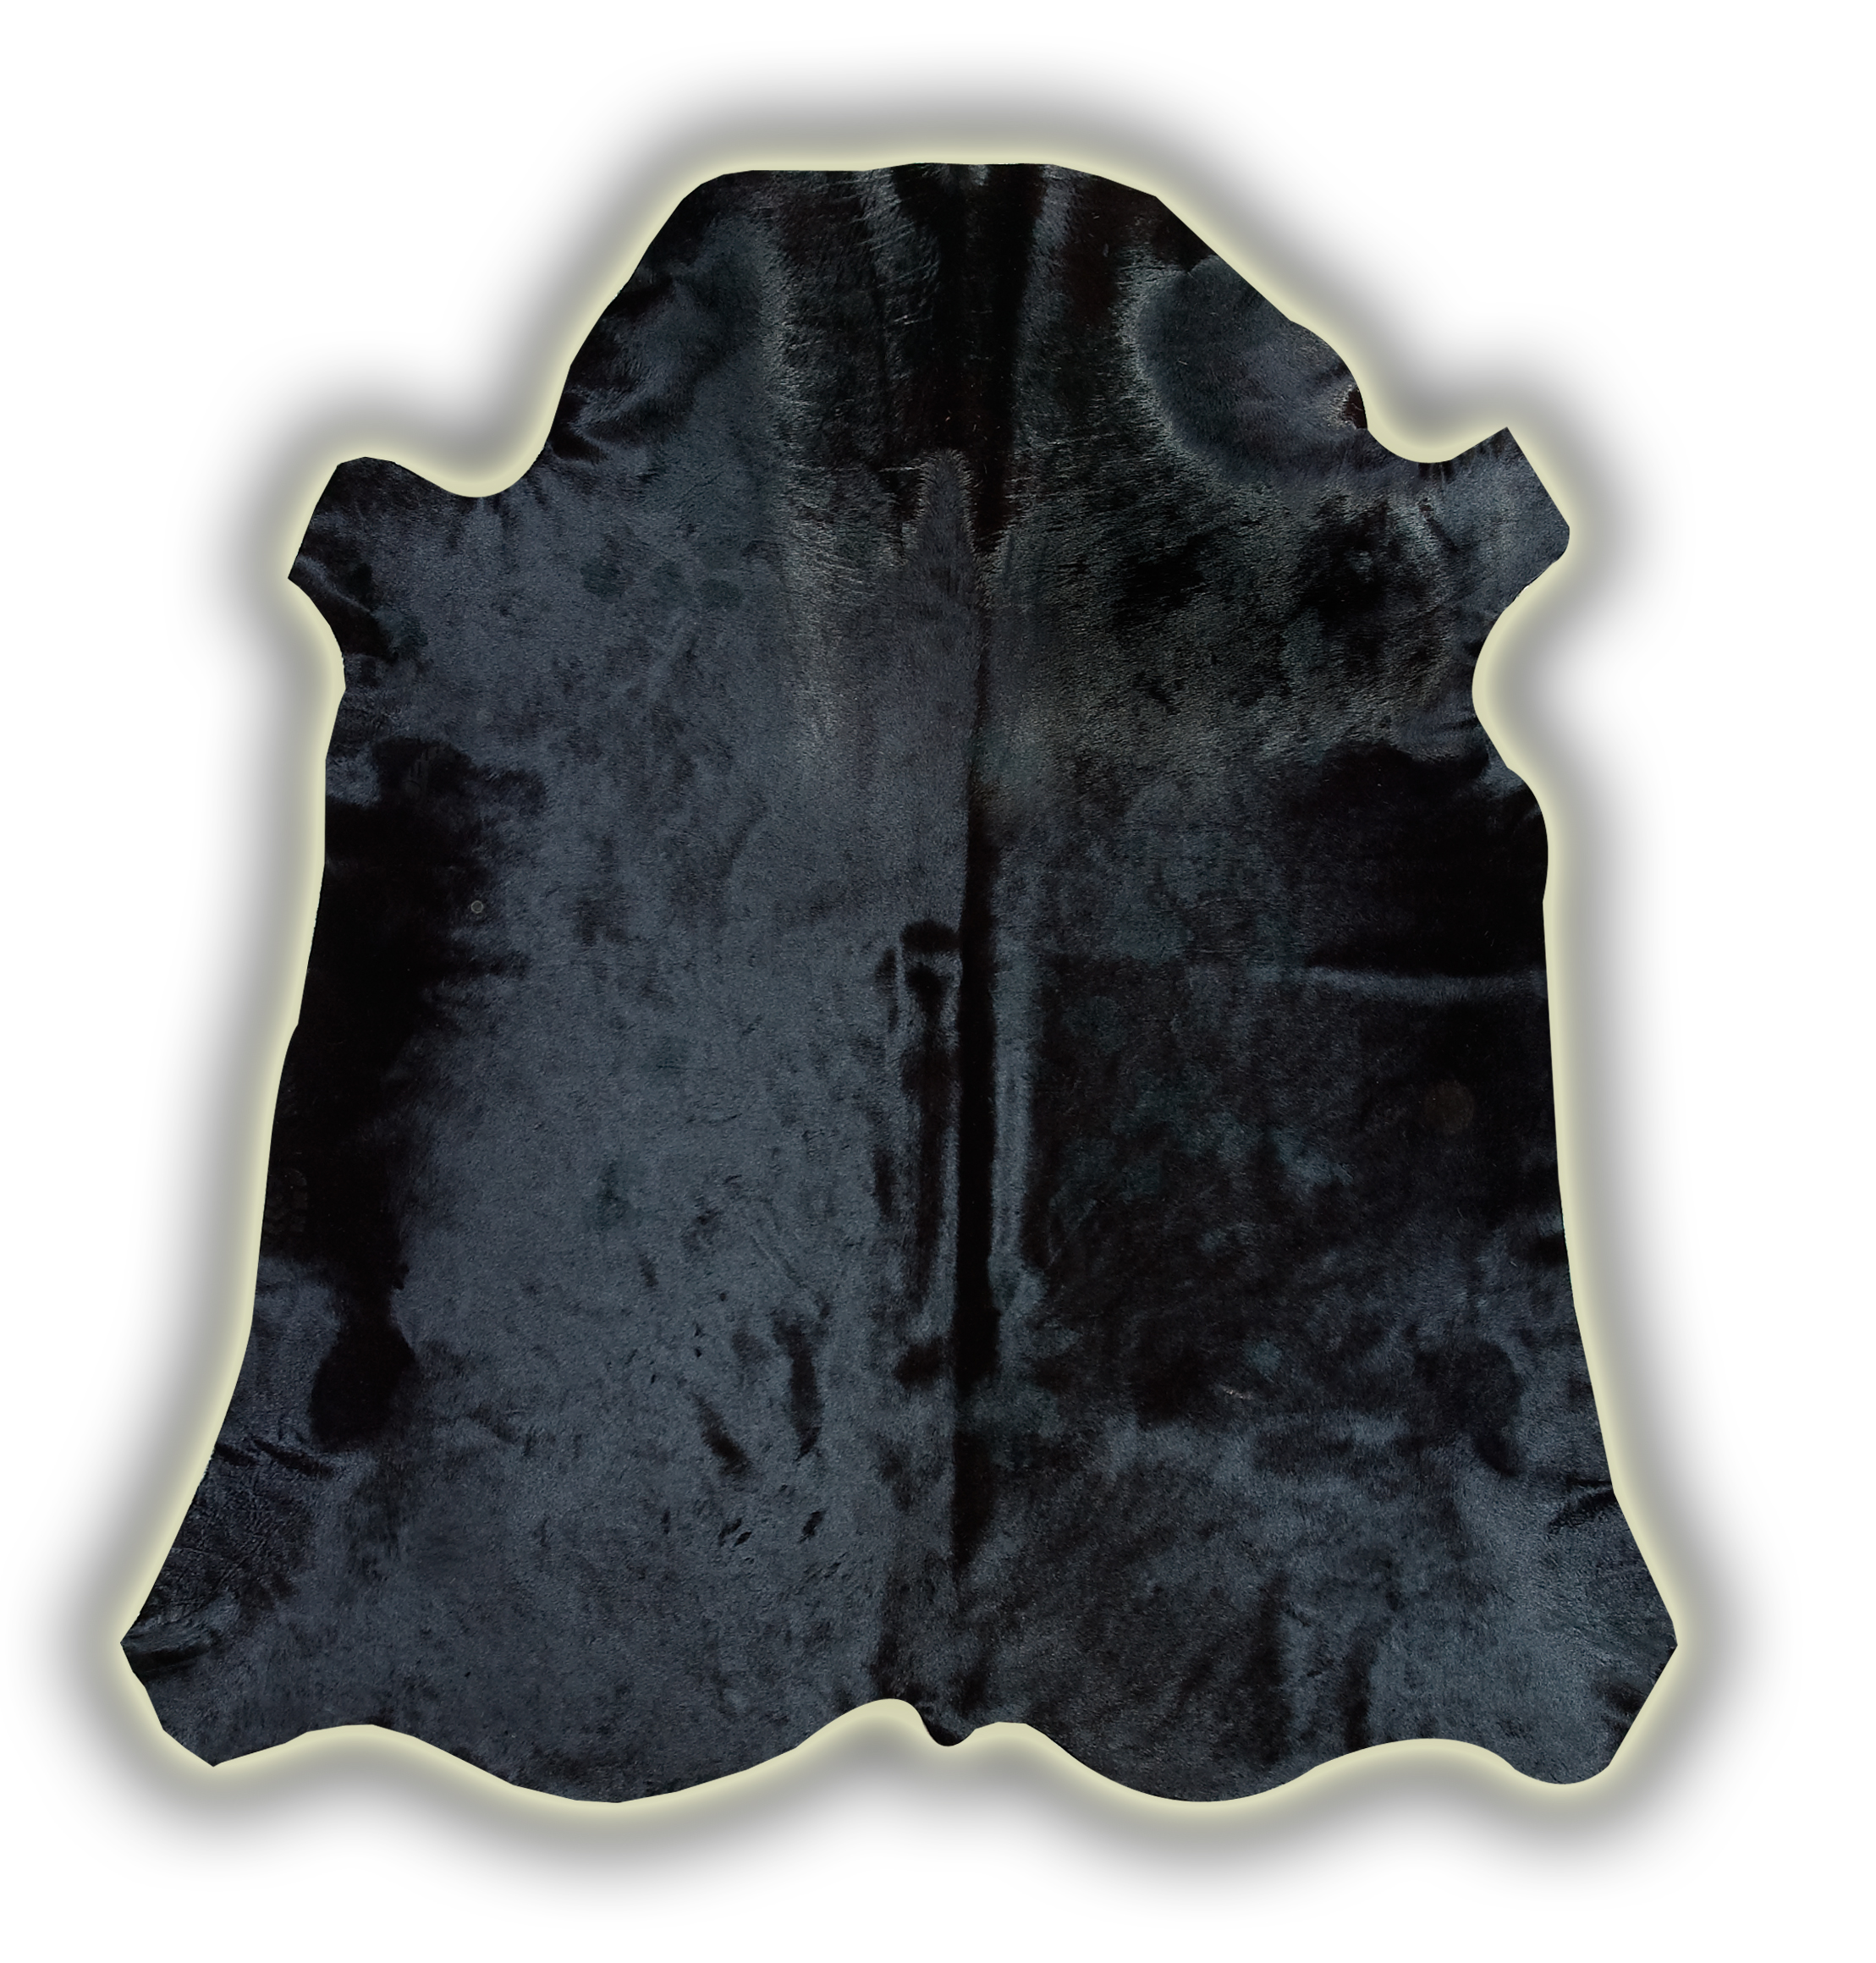 Skóra krowia w kolorze czarnym